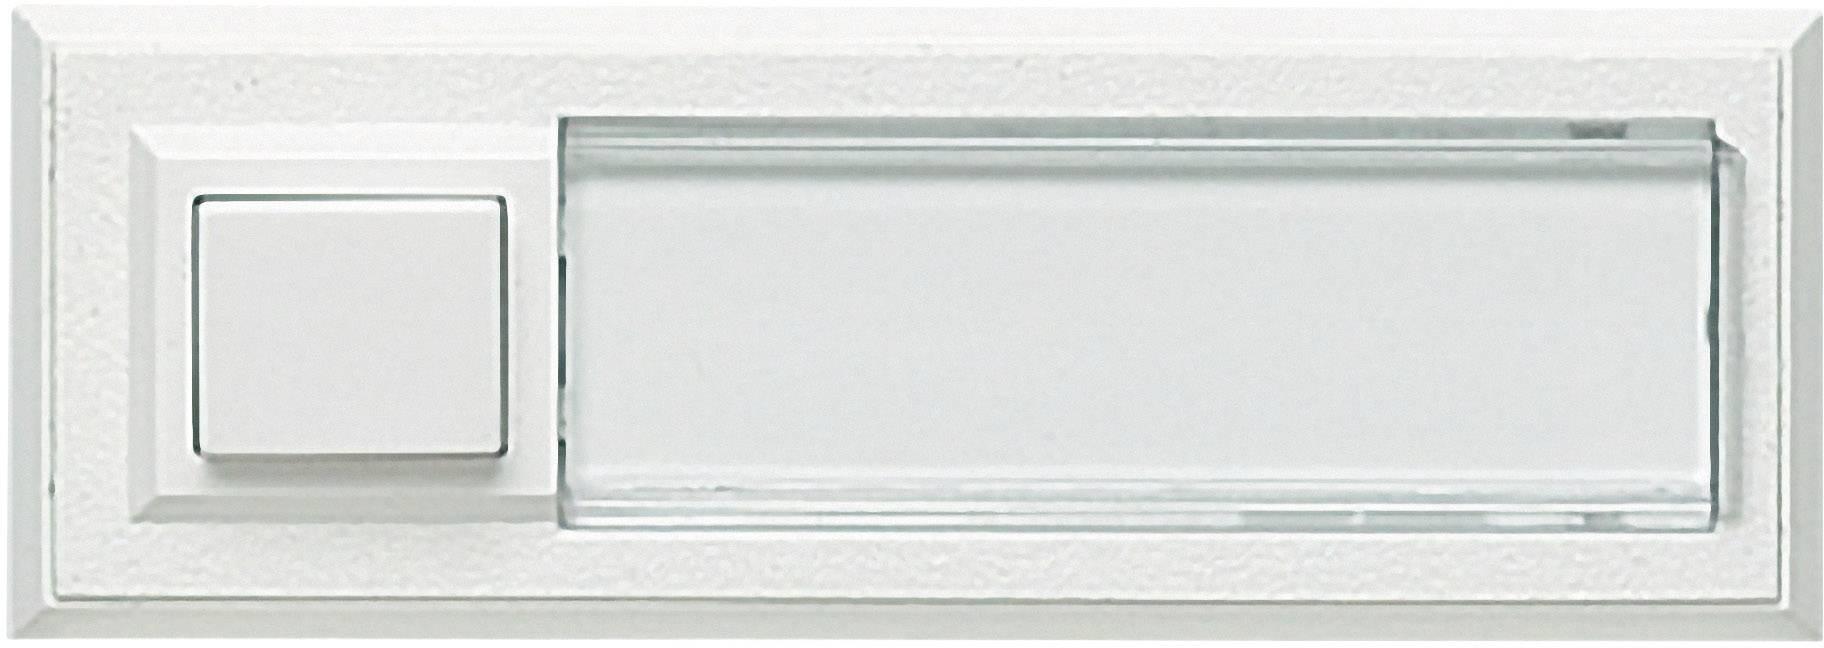 Tlačidlá zvončeka Grothe 51015, biela